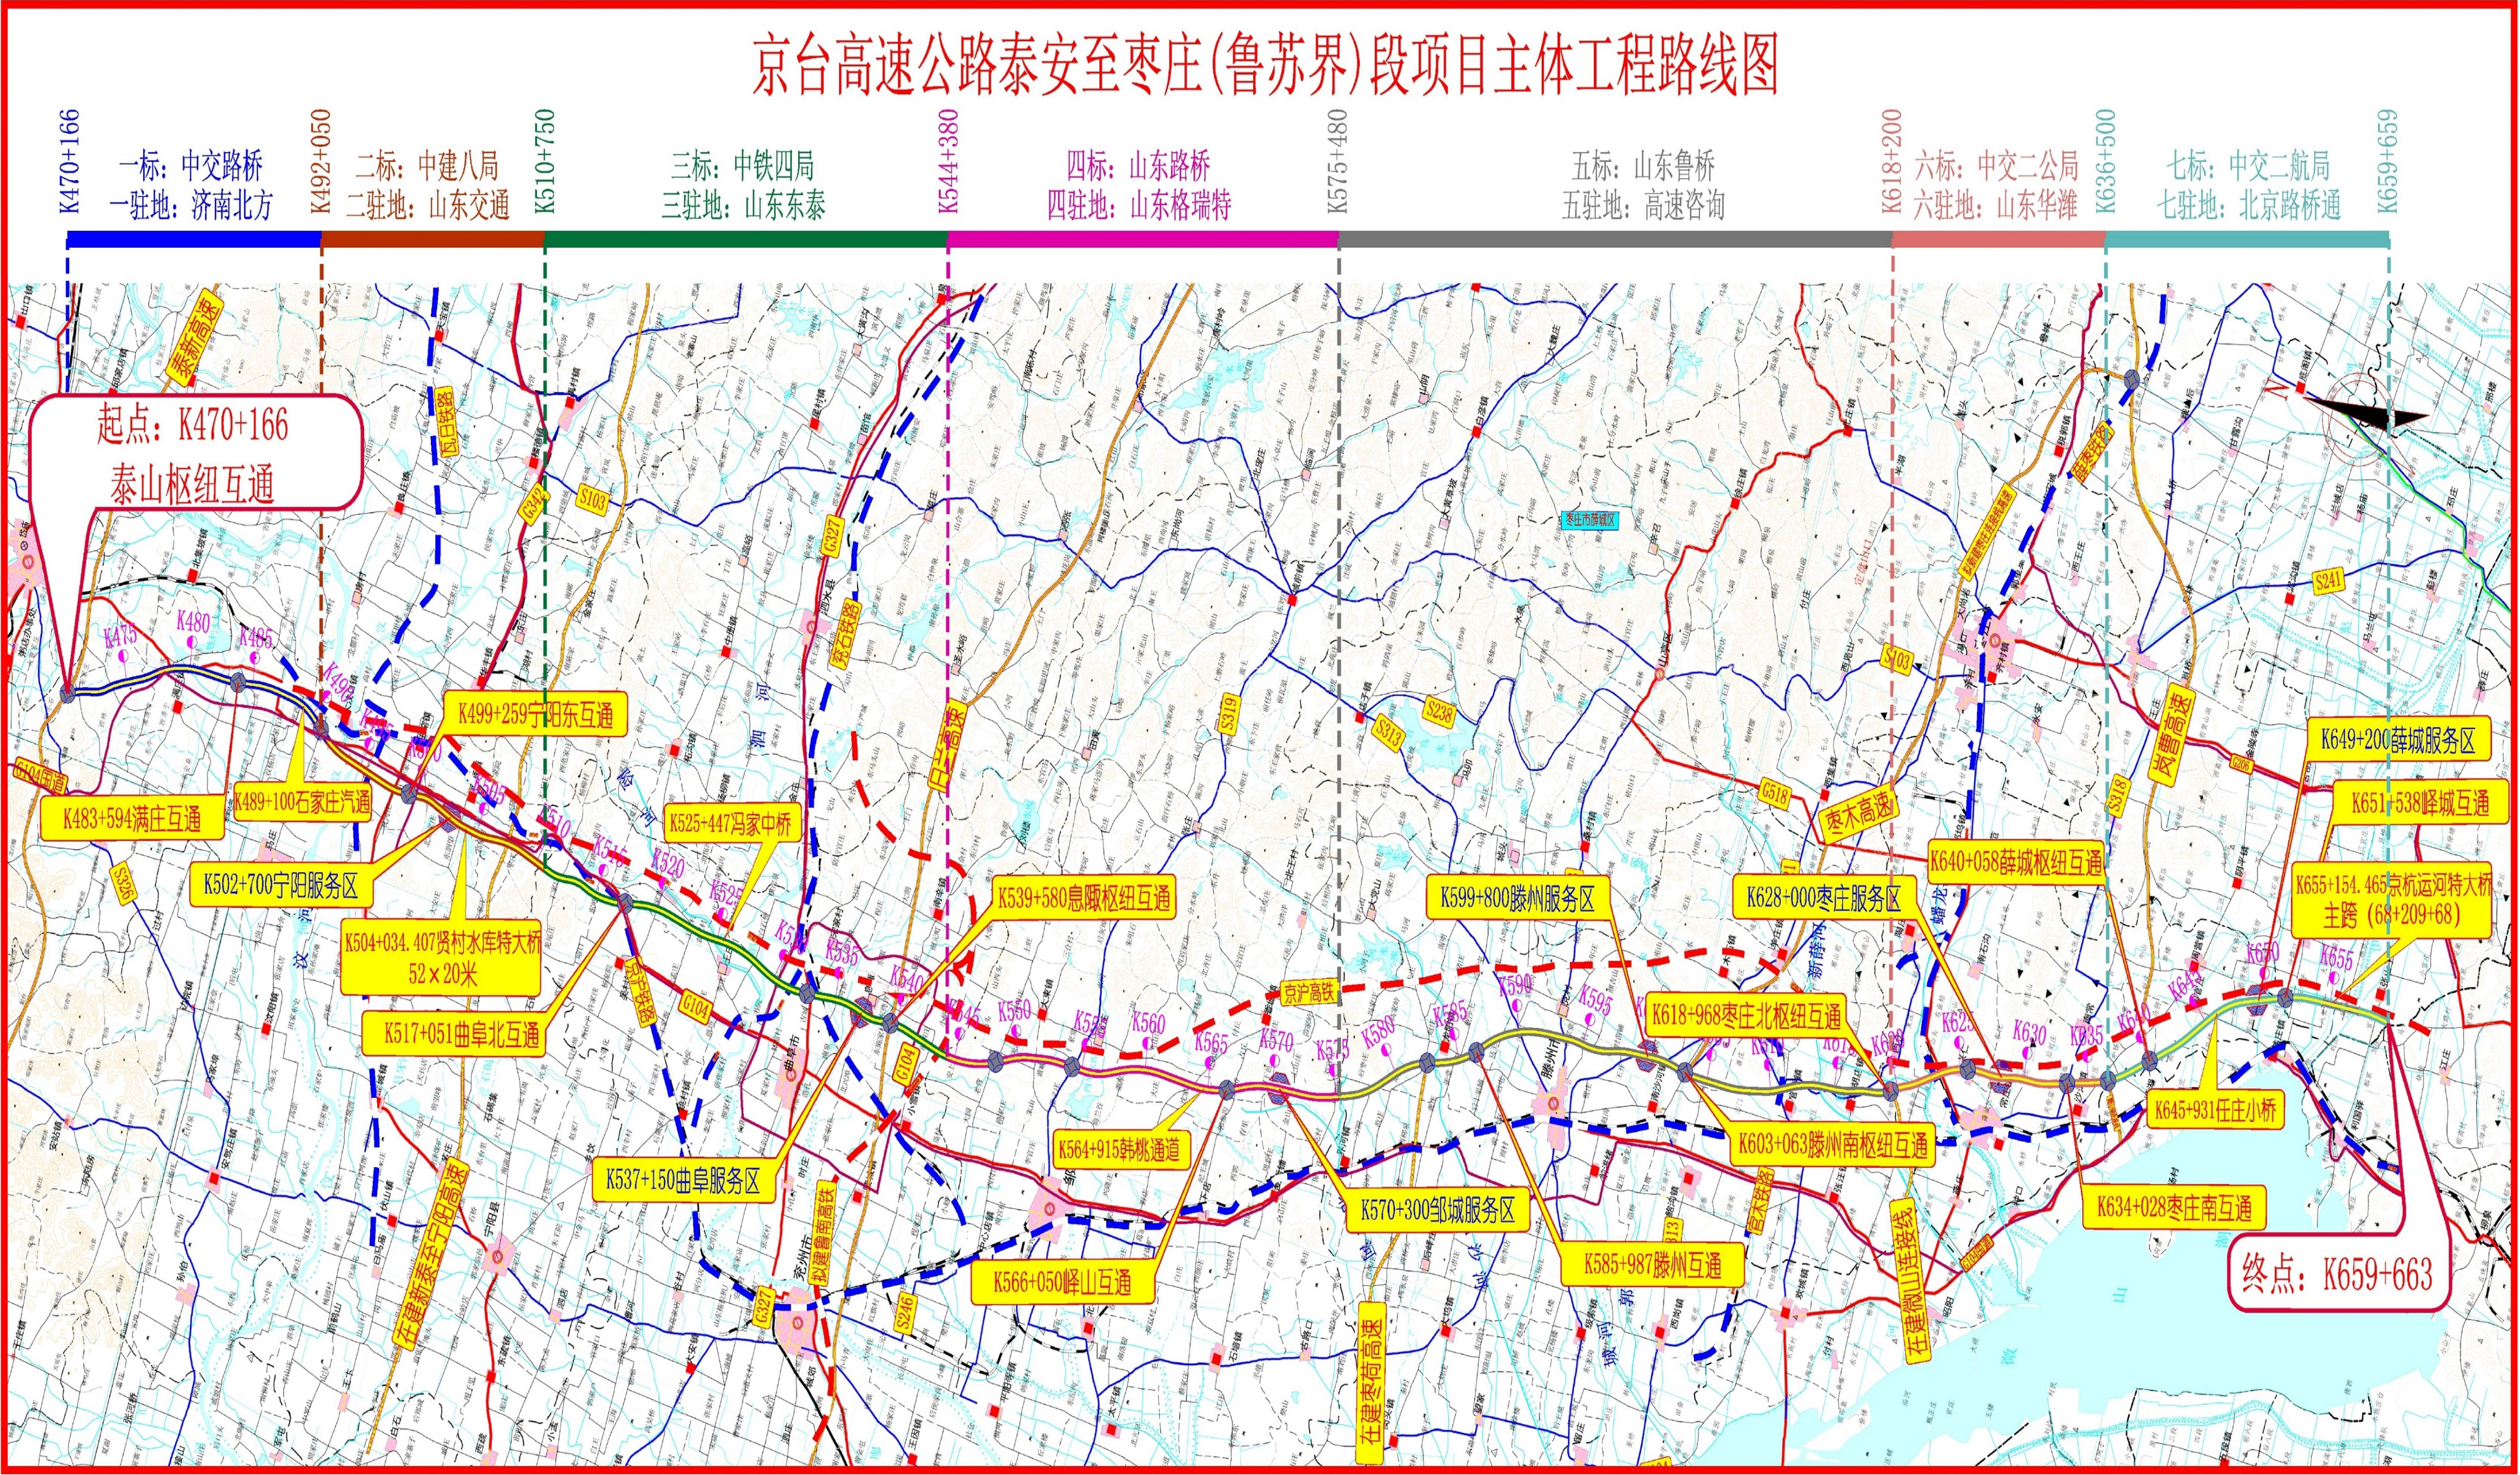 """打通""""易堵点""""7处!京台高速泰安至枣庄段改扩建项目第二阶段交通转序顺利完成"""